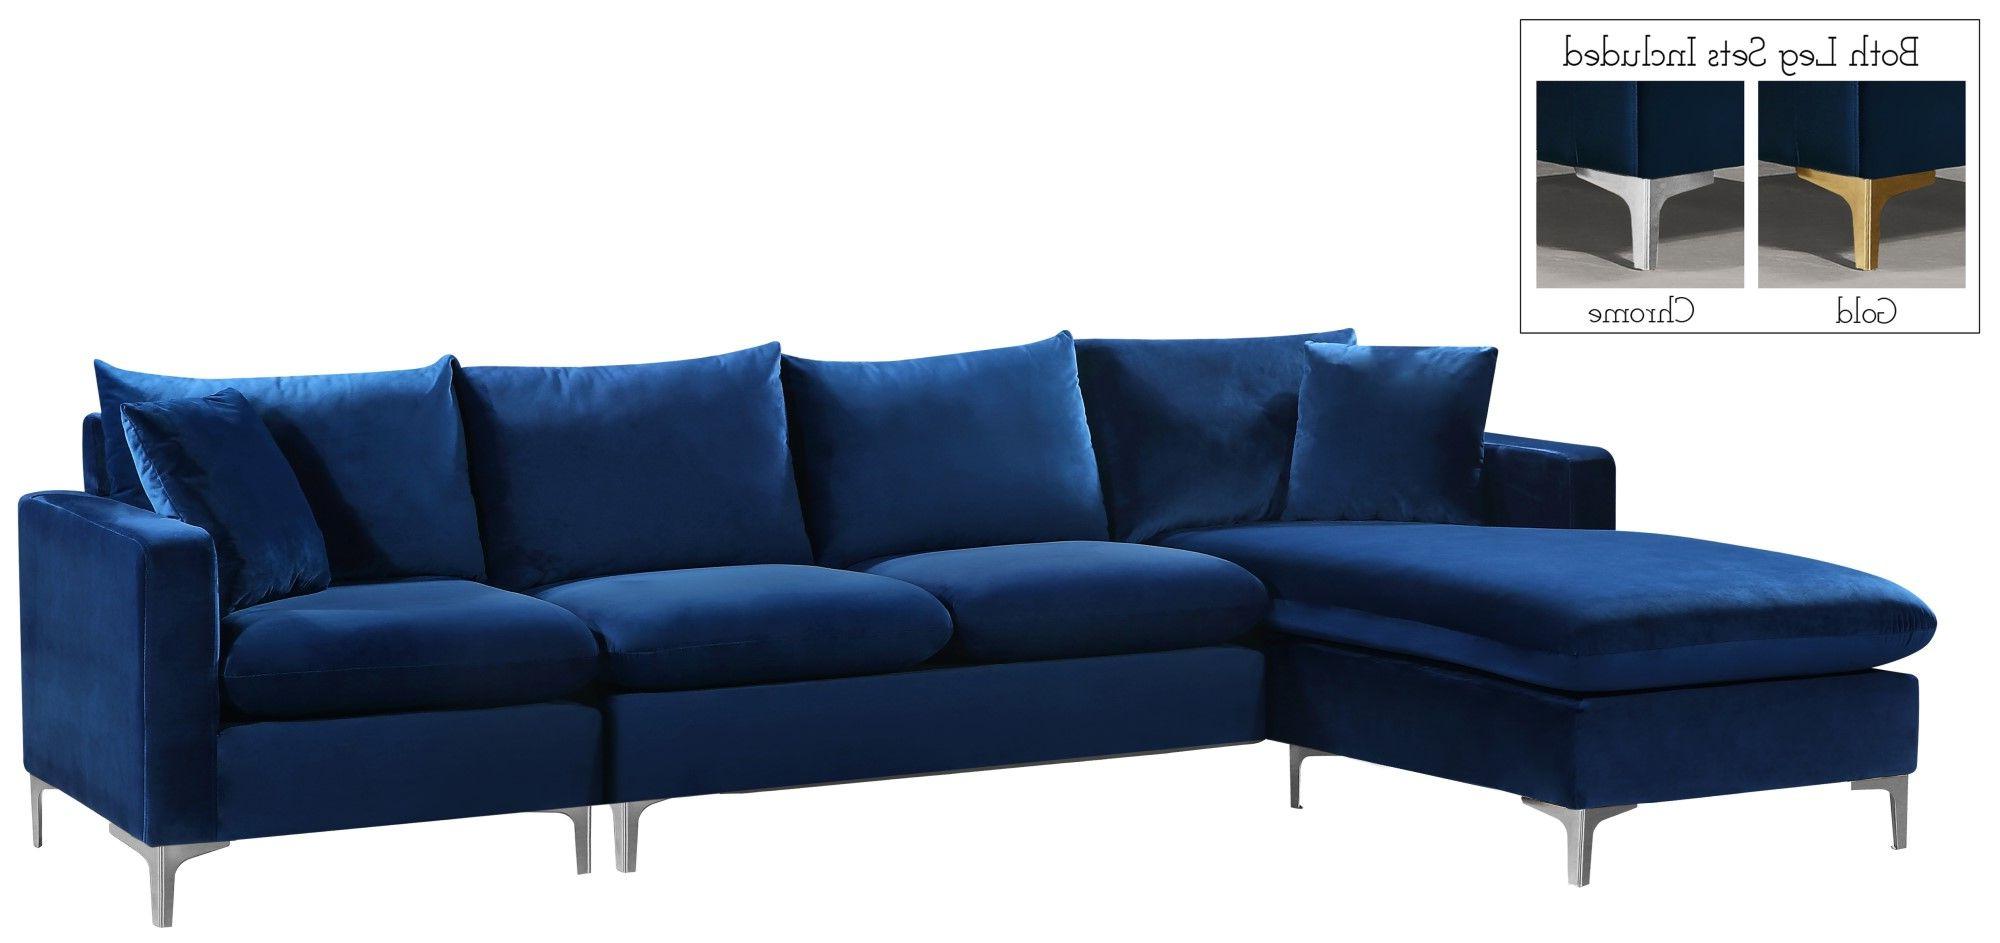 French Seamed Sectional Sofas In Velvet For Fashionable Selene Contemporary Plush Navy Blue Velvet Sectional Sofa (View 11 of 25)